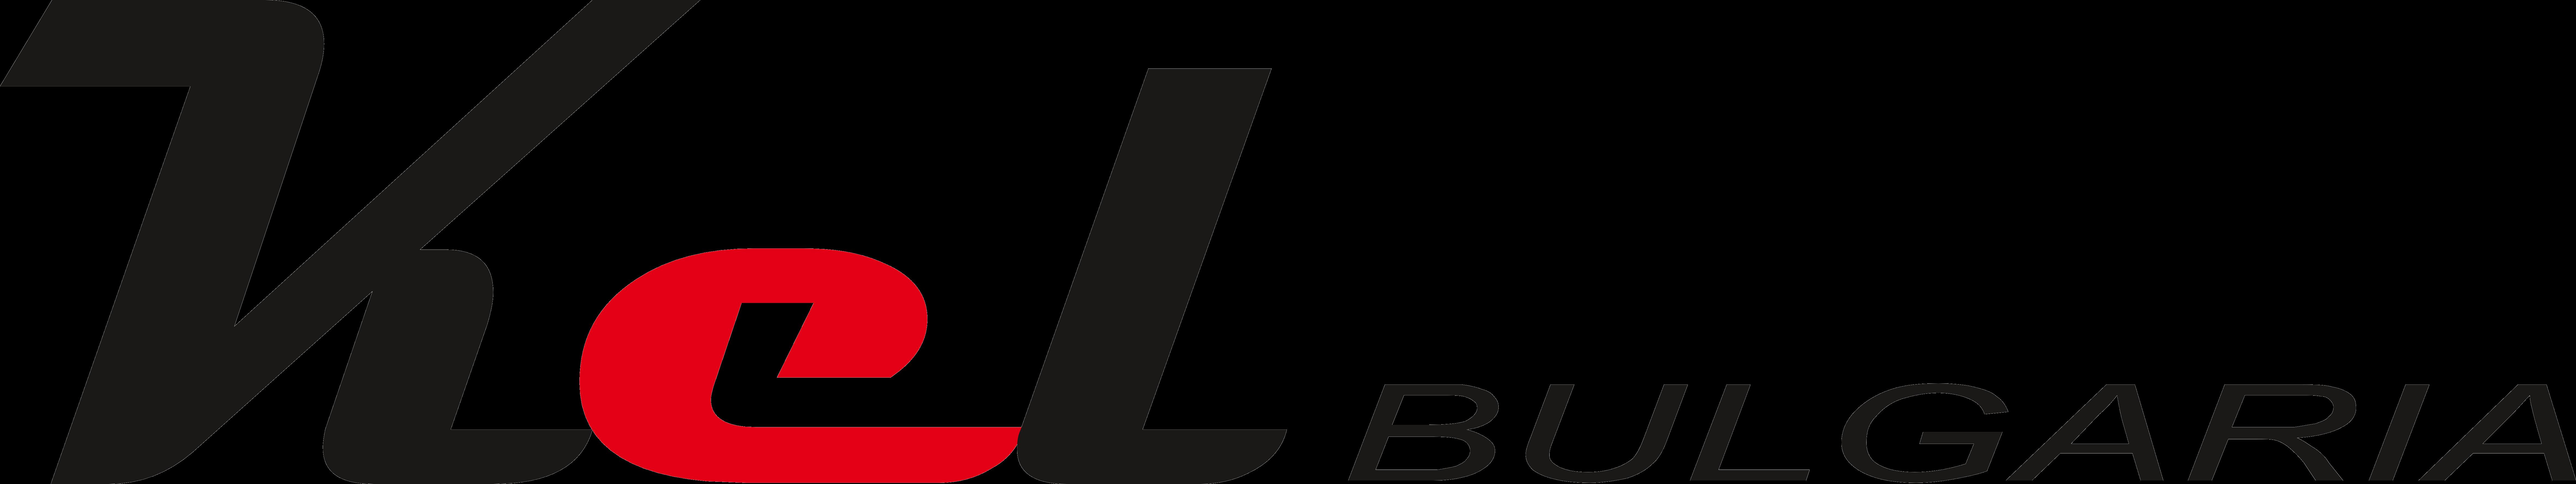 KEL Bulgaria - ИНДУСТРИАЛНИ КРЕПЕЖНИ ЕЛЕМЕНТИ И МОНТАЖНИ ИНСТРУМЕНТИ